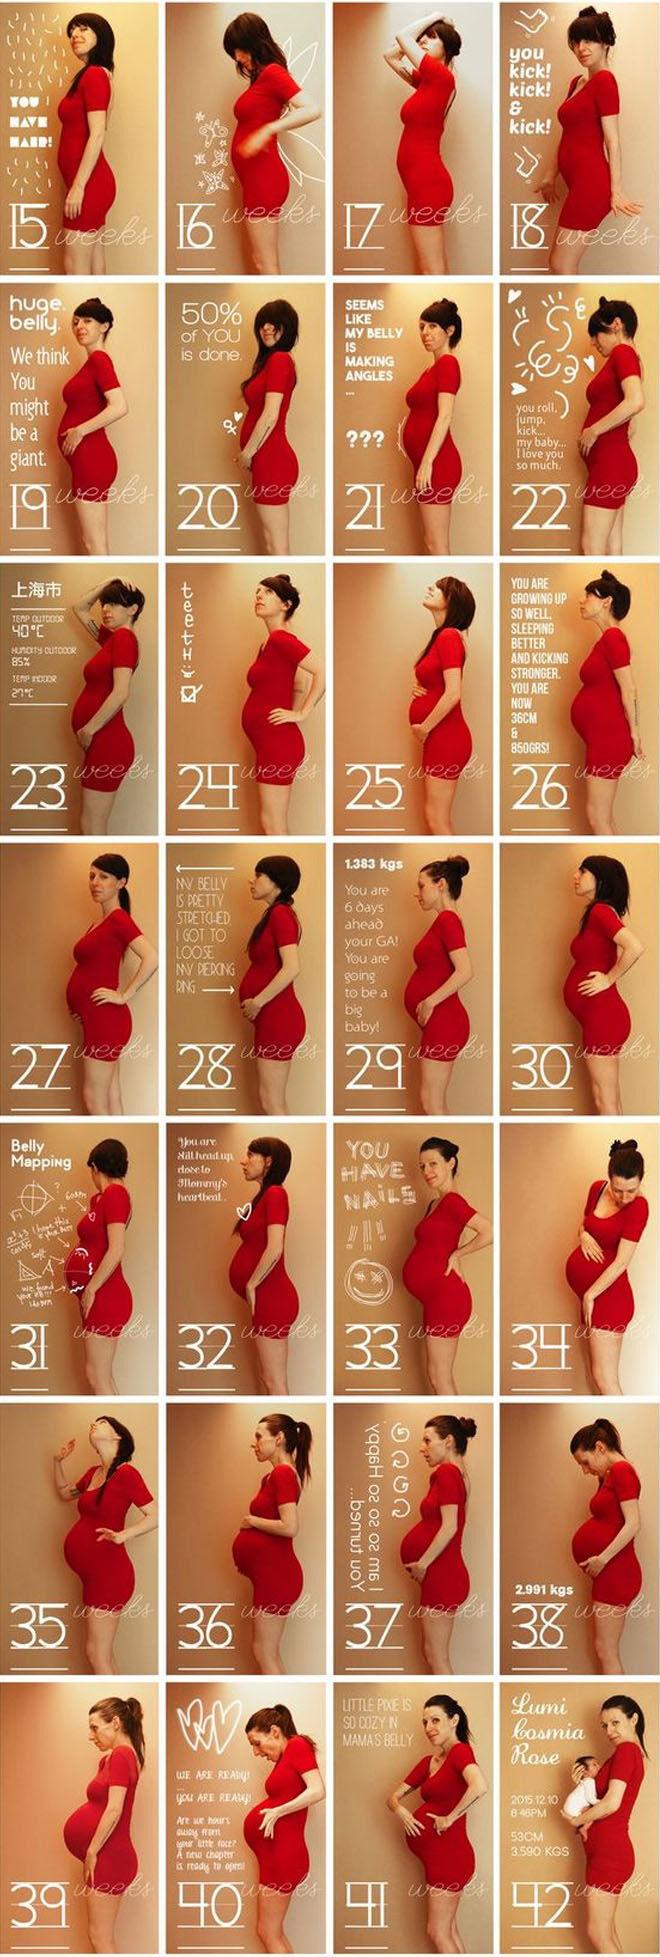 App for week by week pregnancy photos